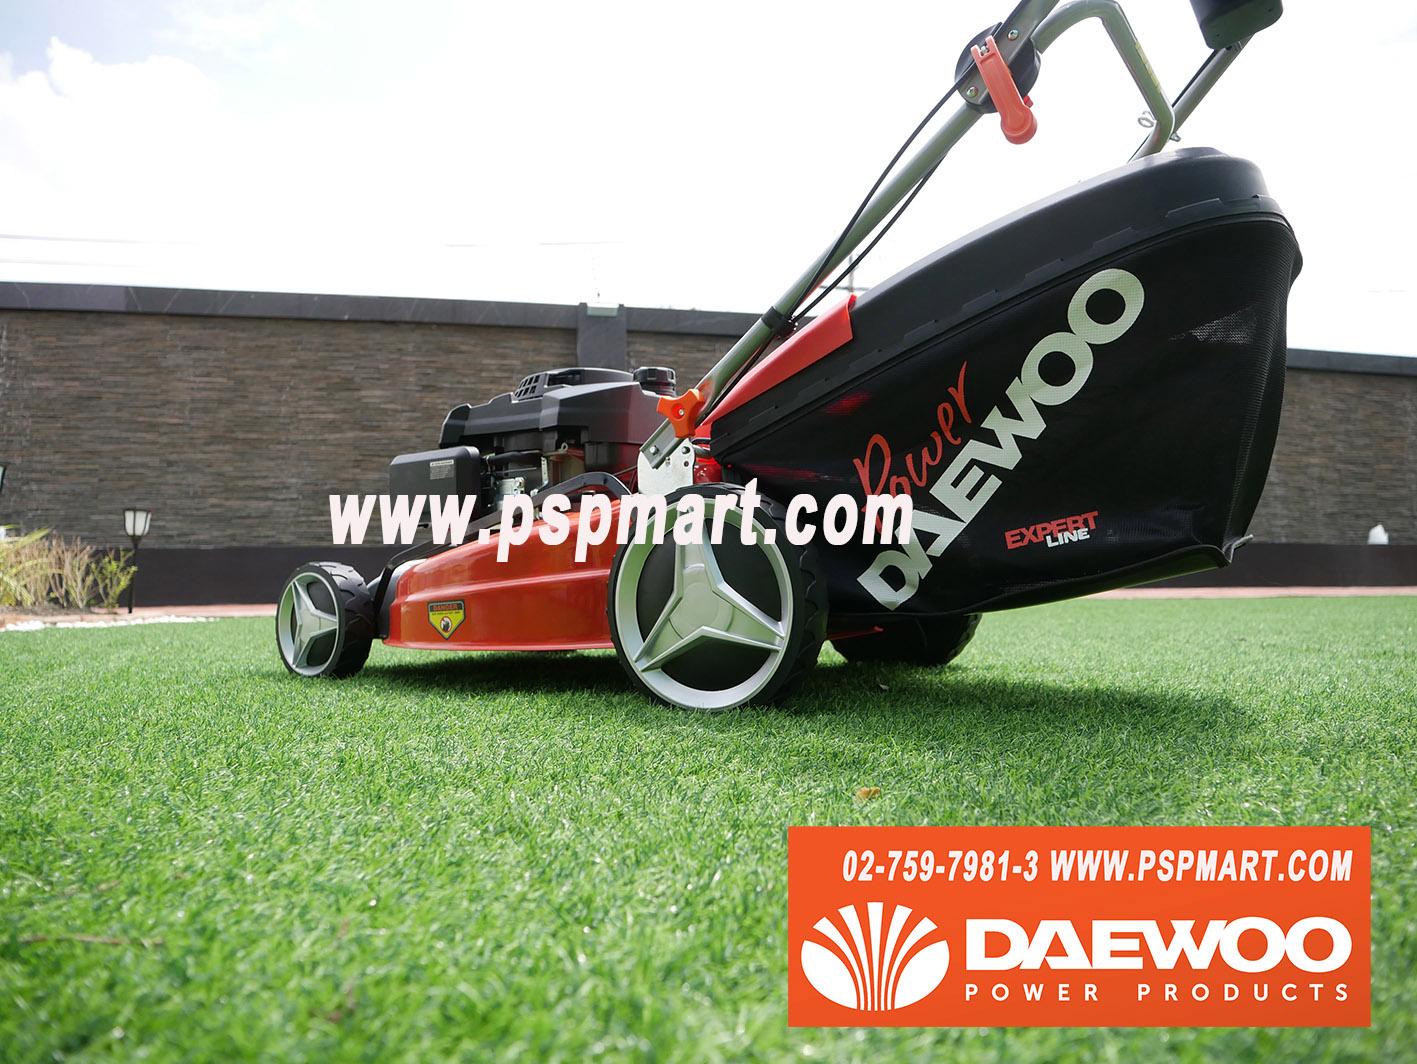 รถเข็นตัดหญ้าเครื่องยนต์เบนซิน4จังหวะ  DAEWOO DLM5300SP